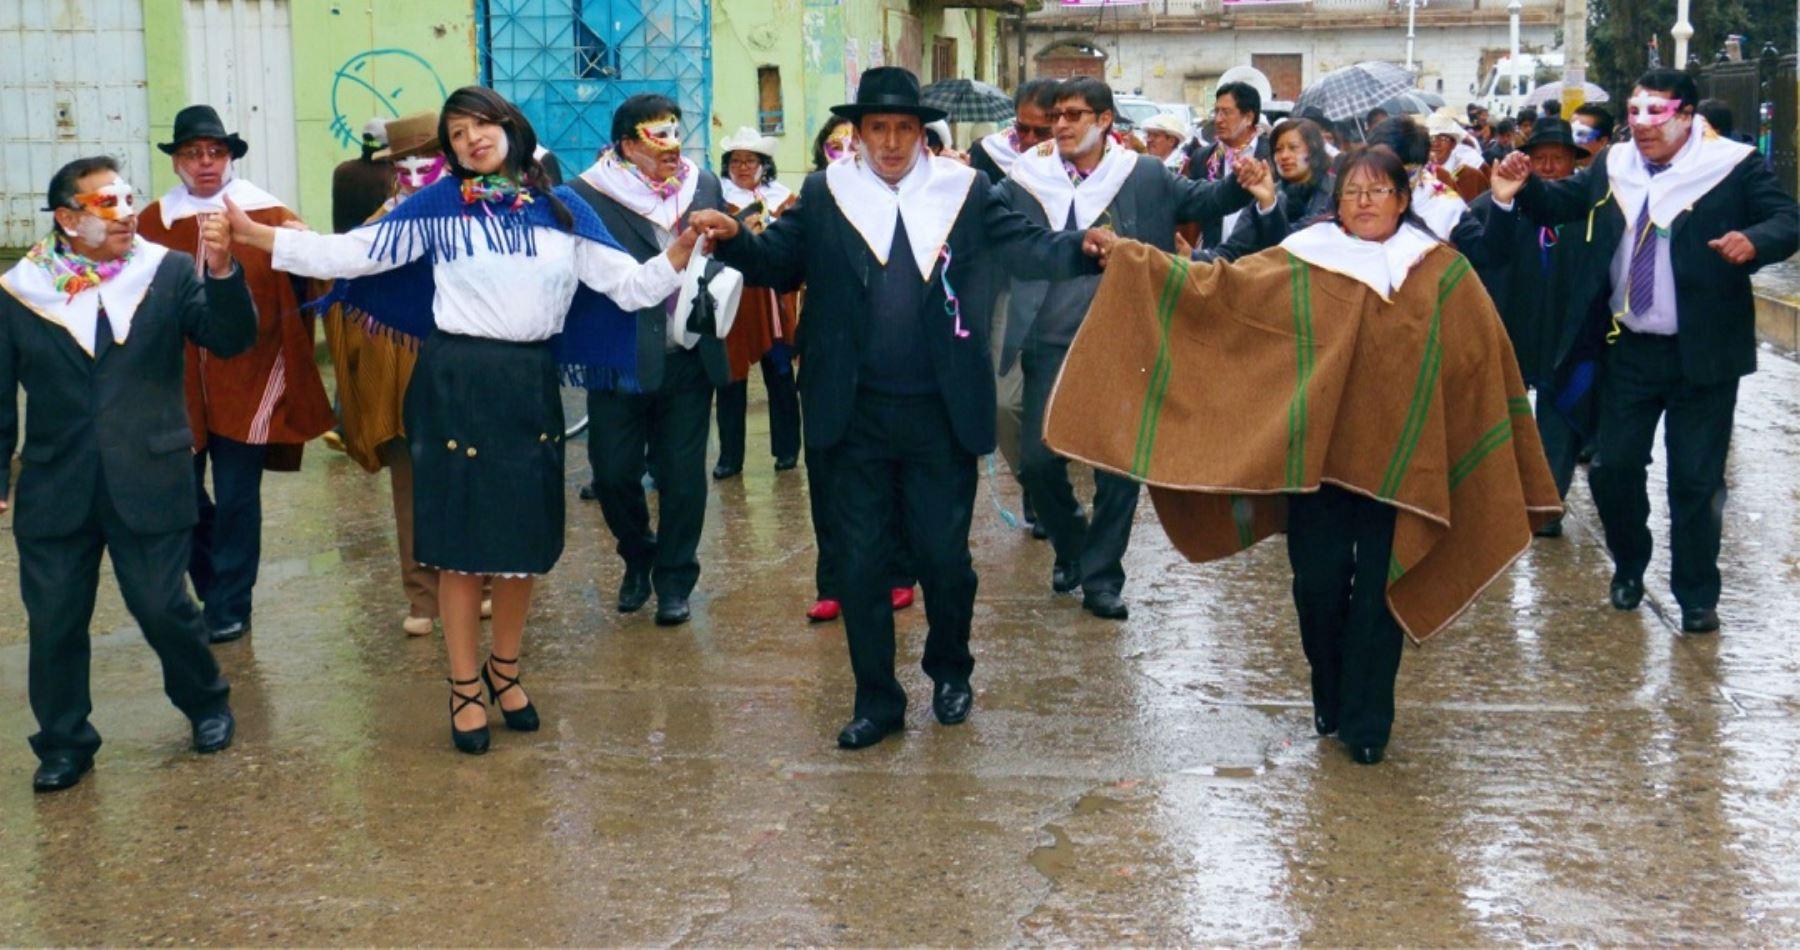 """La Municipalidad Provincial de Pasco anunció hoy que del 12 al 16 de marzo se realizará la 136° edición del """"Carnaval Cerreño y Homenaje a la Muliza"""", festividad cultural que se celebra en la ciudad más altoandina del Perú, ubicada a más de 4,000 metros sobre el nivel del mar."""